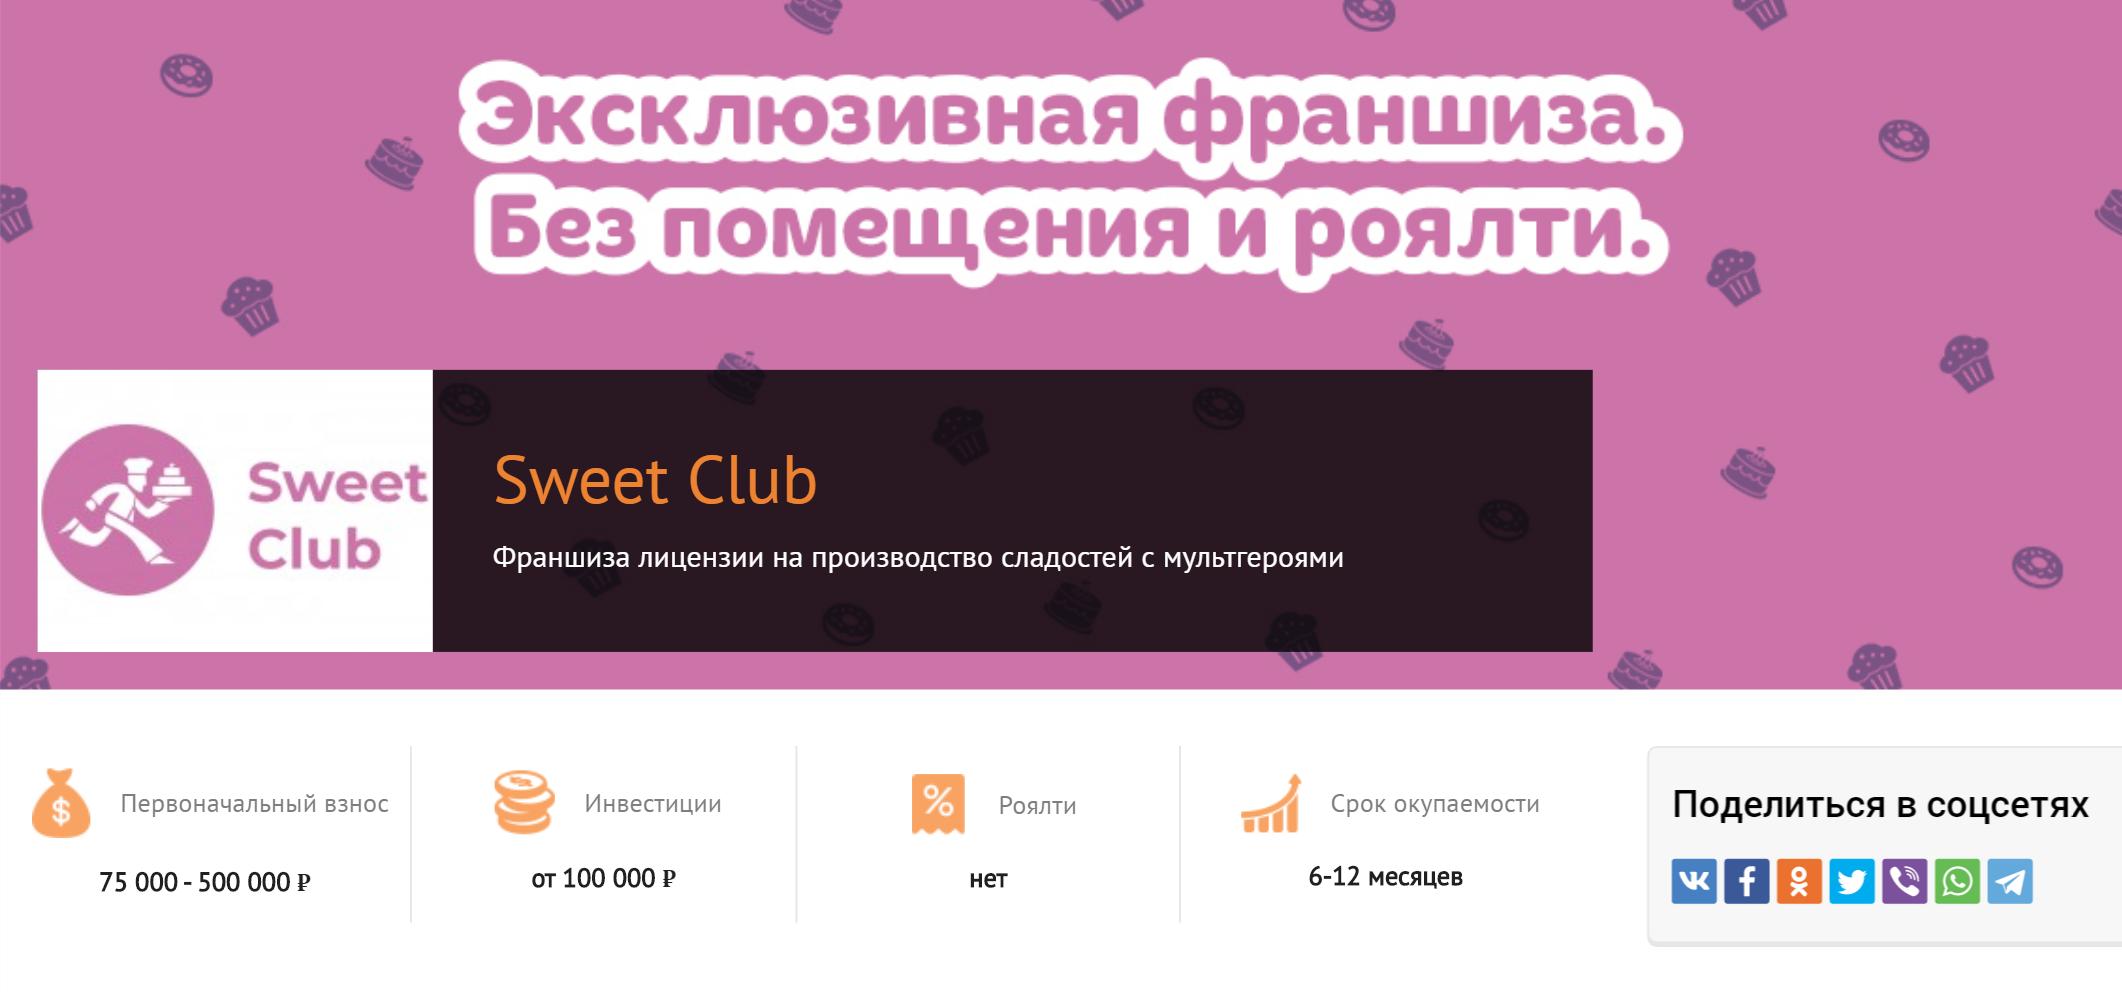 Предложение для франчайзи на сайте «Франшиза-ру». Первую франшизу запустили через три недели после размещения презентации